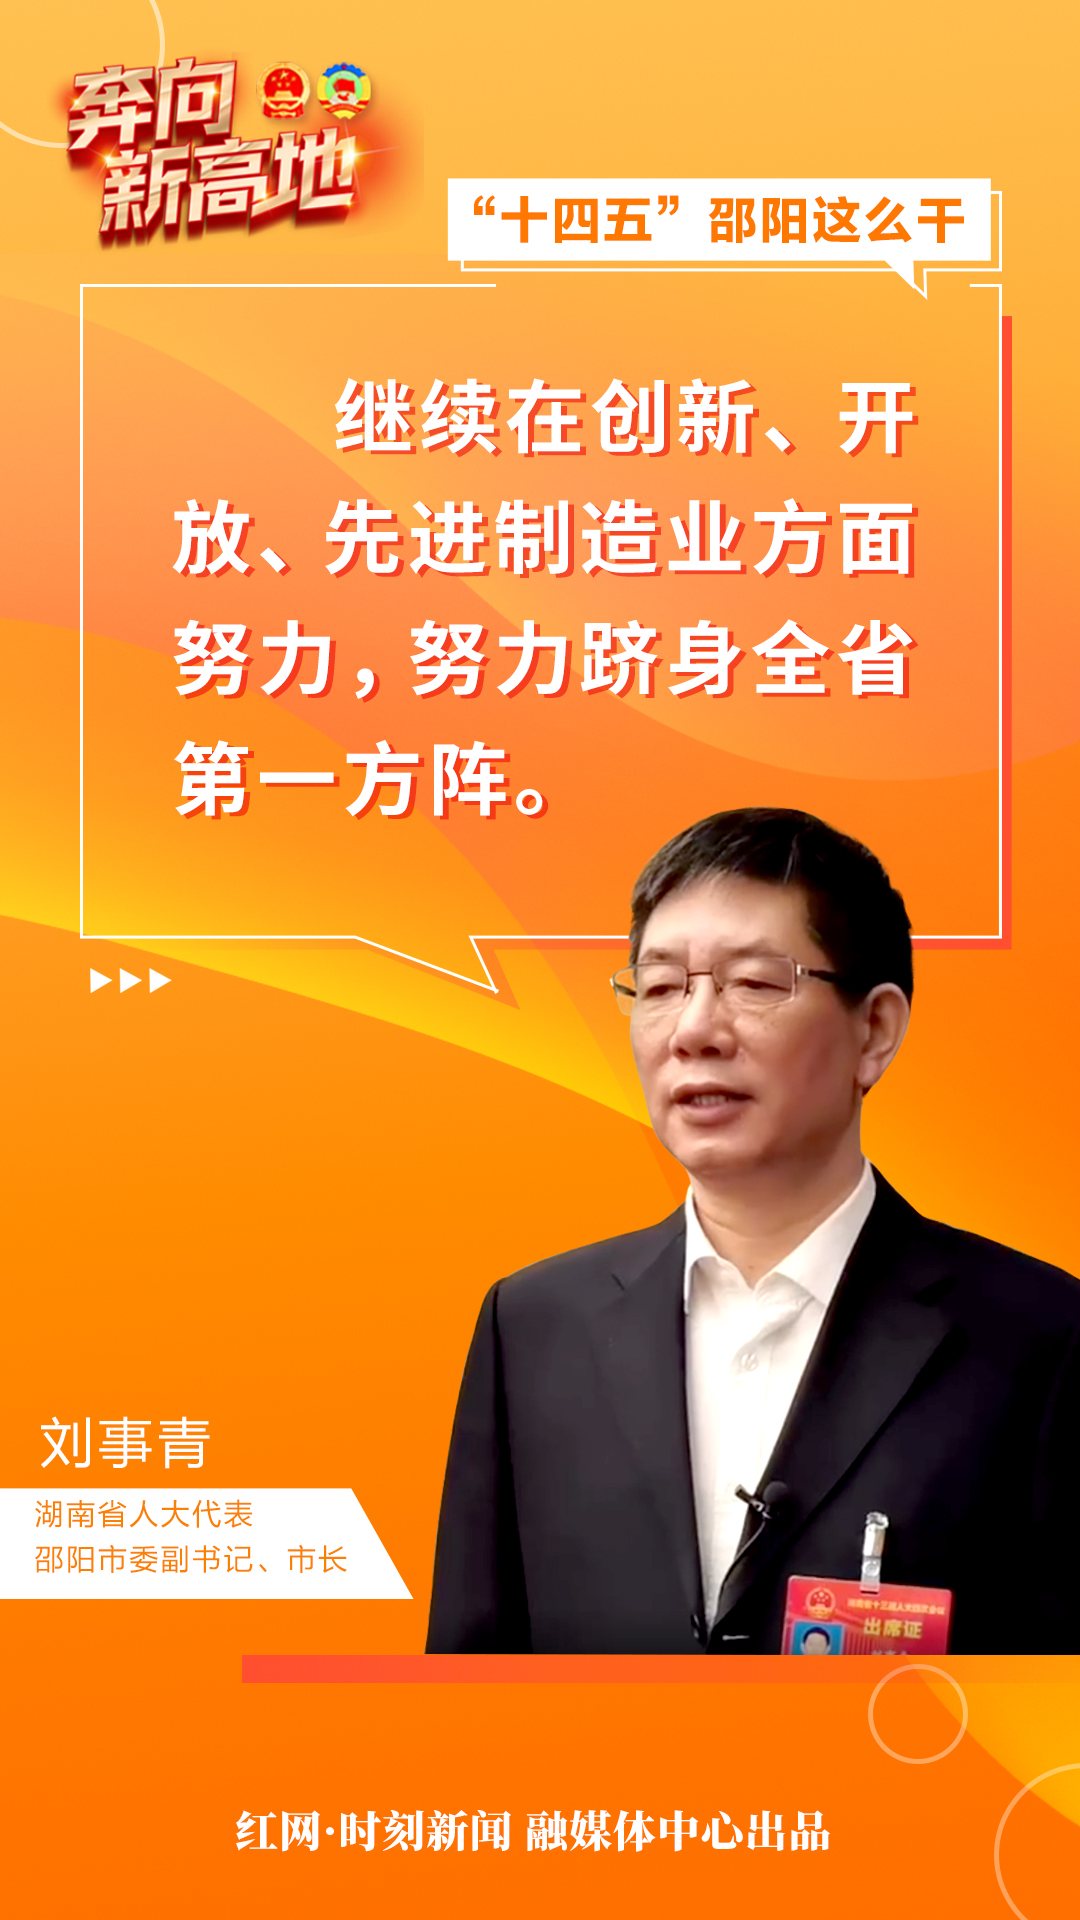 刘事青.jpg